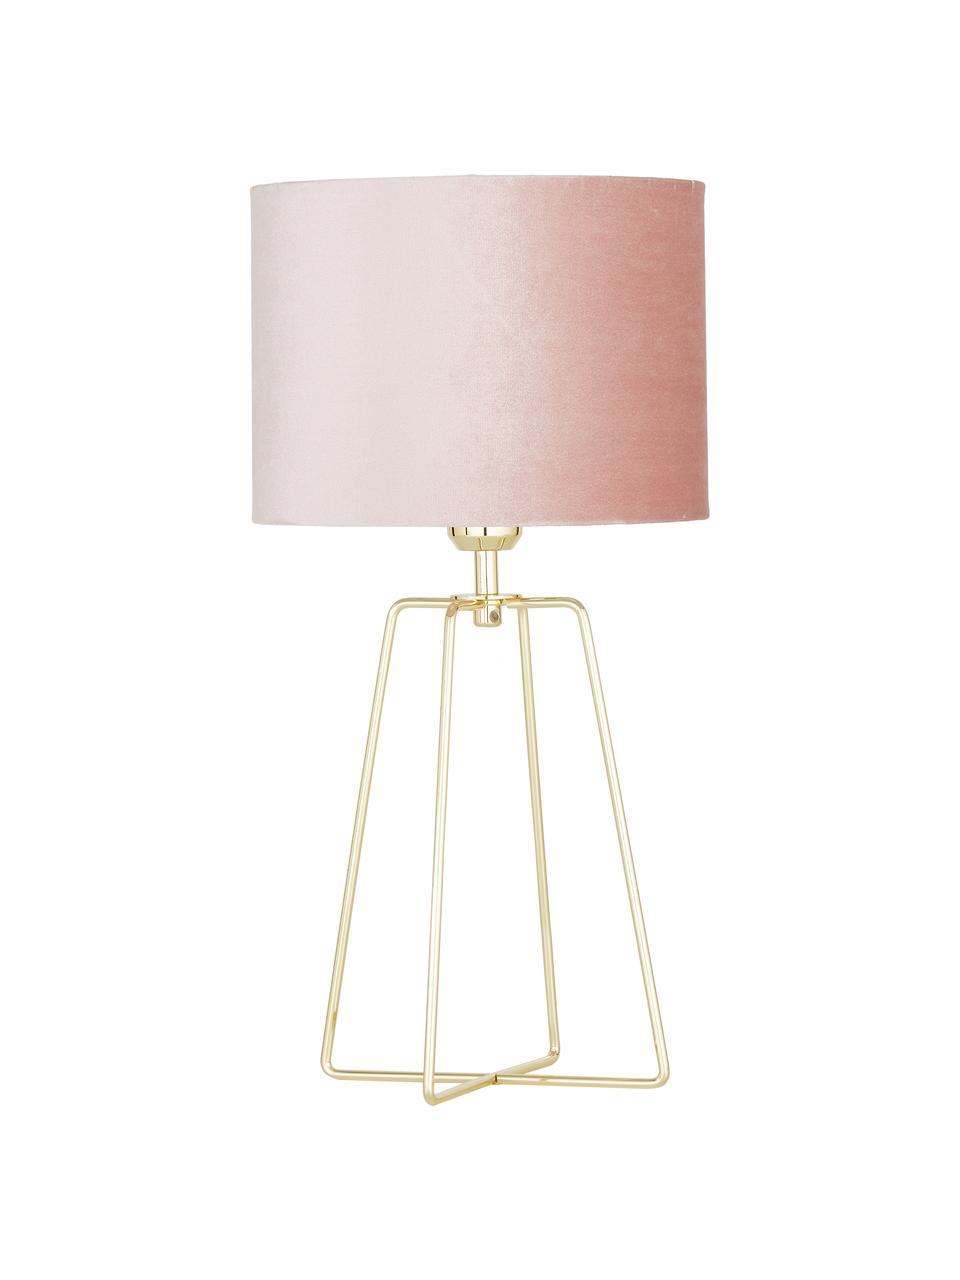 Lampada da tavolo con base dorata Karolina, Paralume: velluto, Base della lampada: metallo ottonato, Rosa cipria ottone, lucido trasparente, Ø 25 x Alt. 49 cm